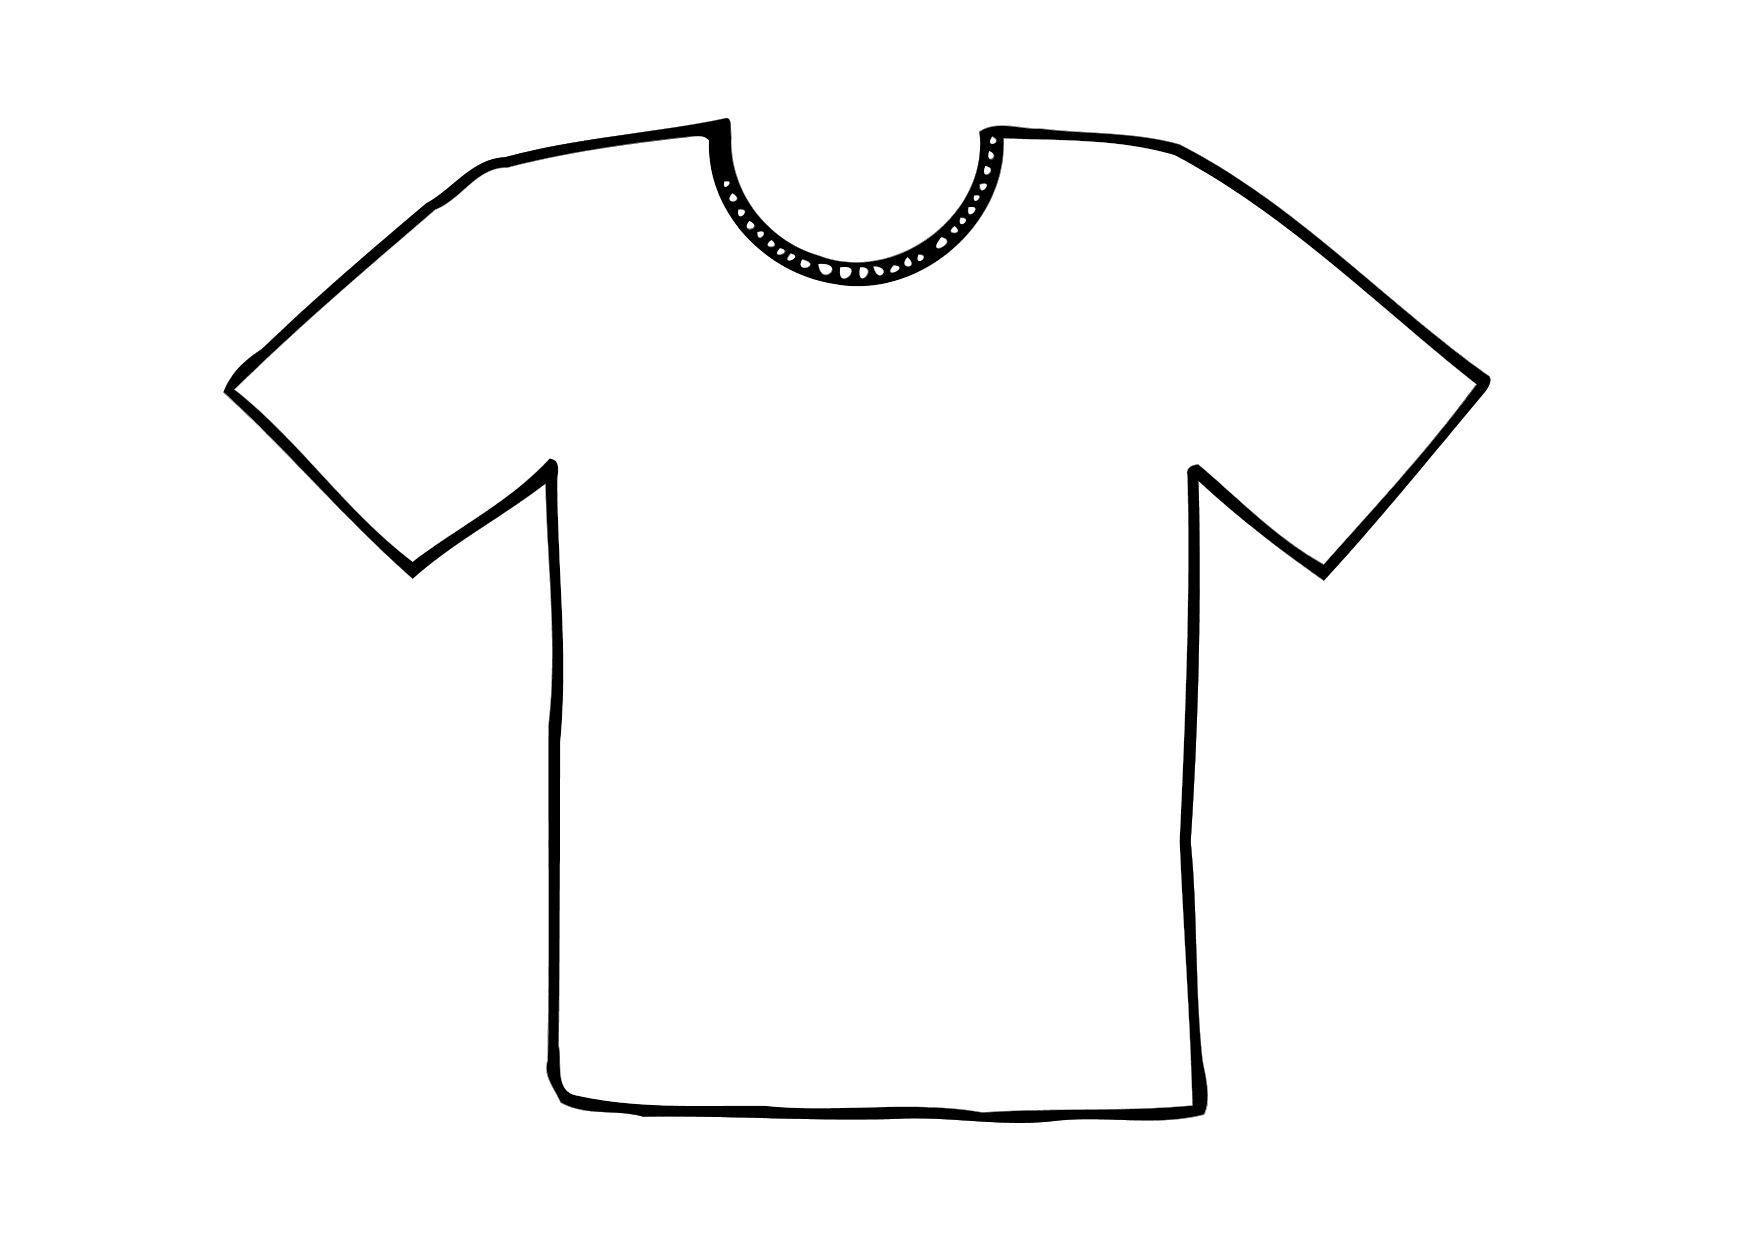 T Shirt Printable Template.